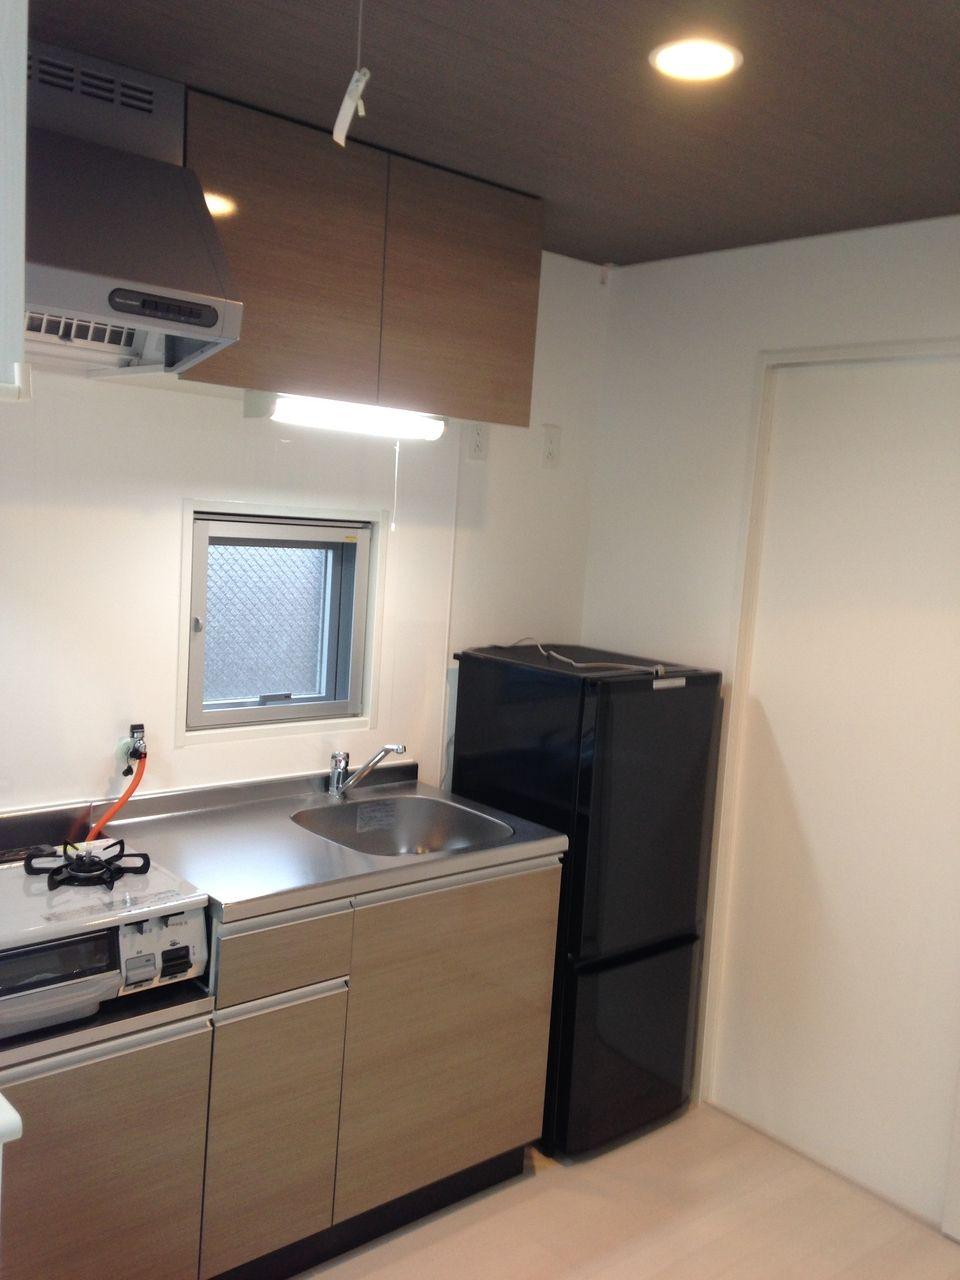 システムキッチンに2ドア冷蔵庫(シャープ製)ガステーブル(グリル付)設置です。